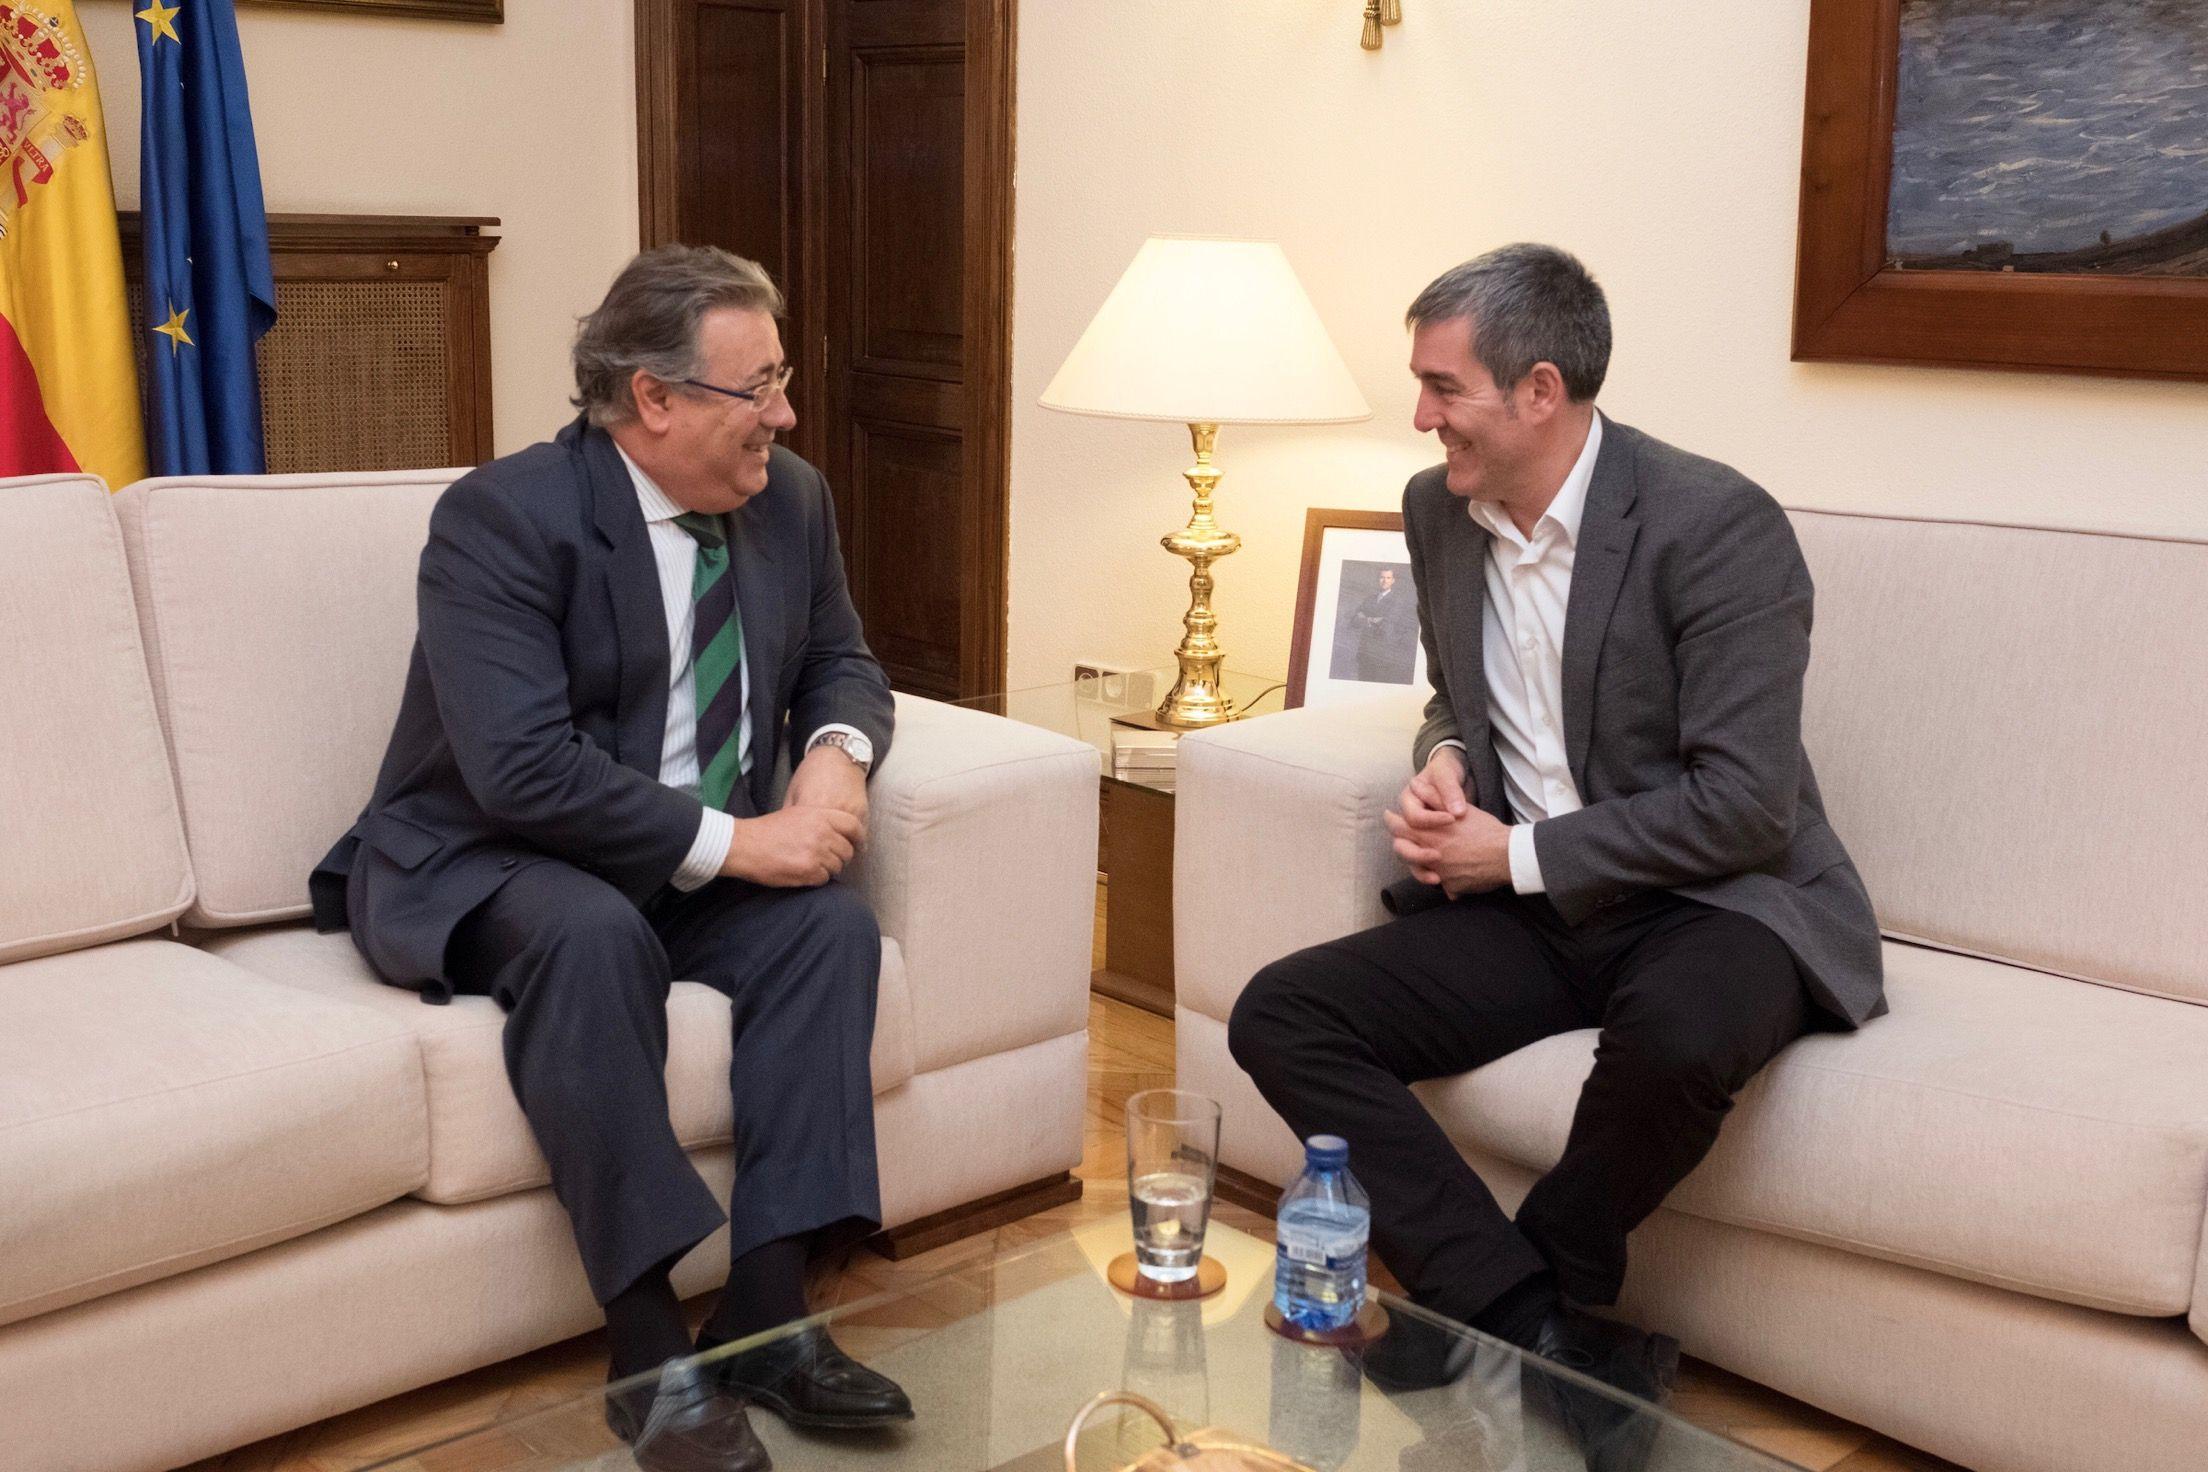 Fernando clavijo y el ministro del interior analizan la for Ministro del interior actual